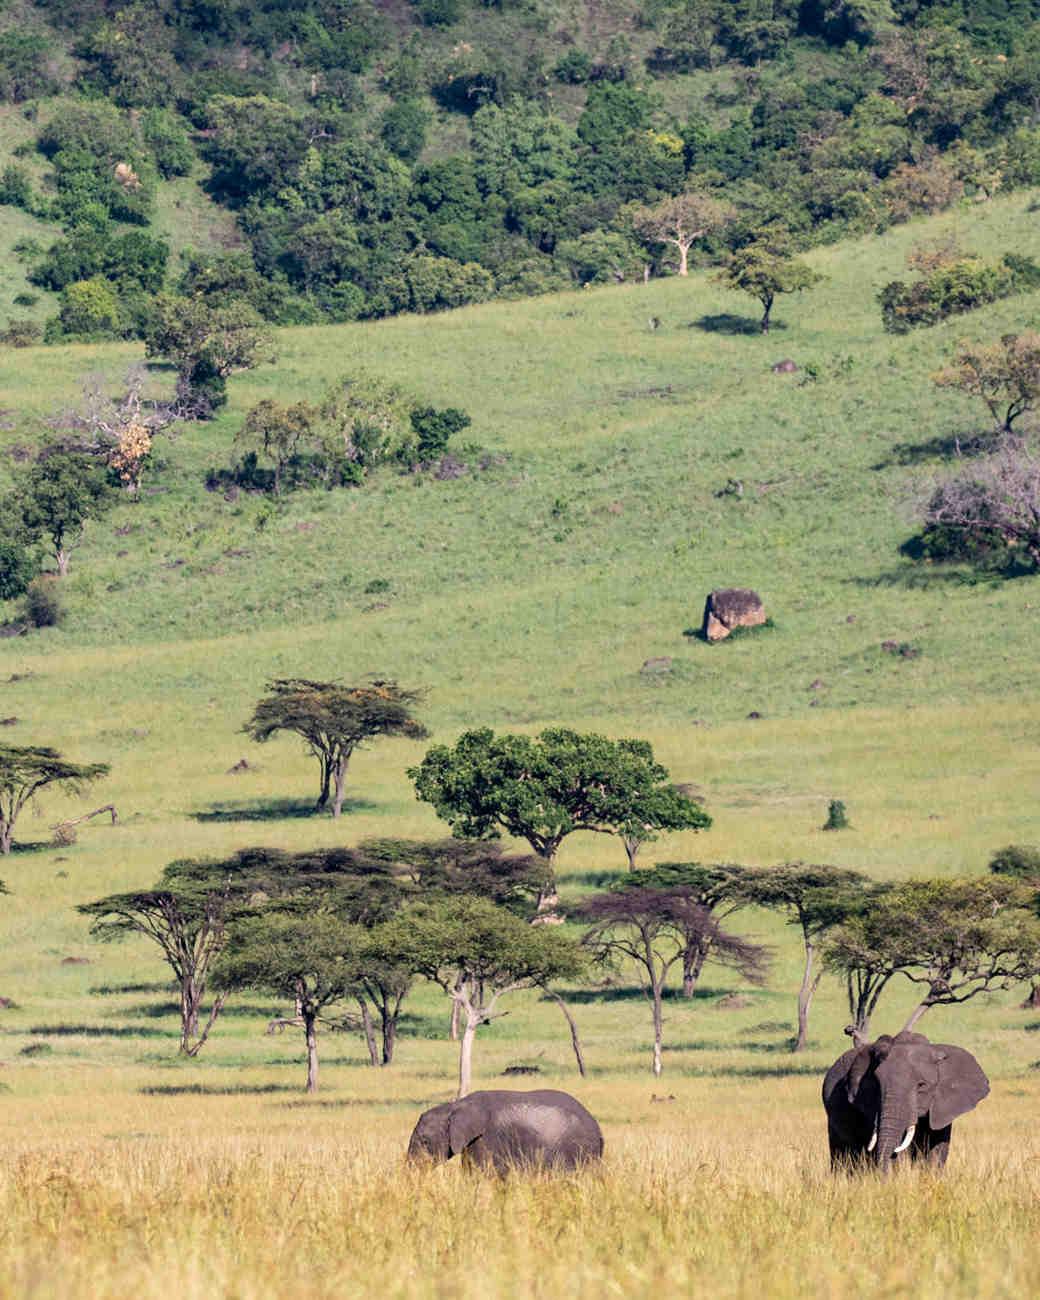 kenya maasai mara elephants